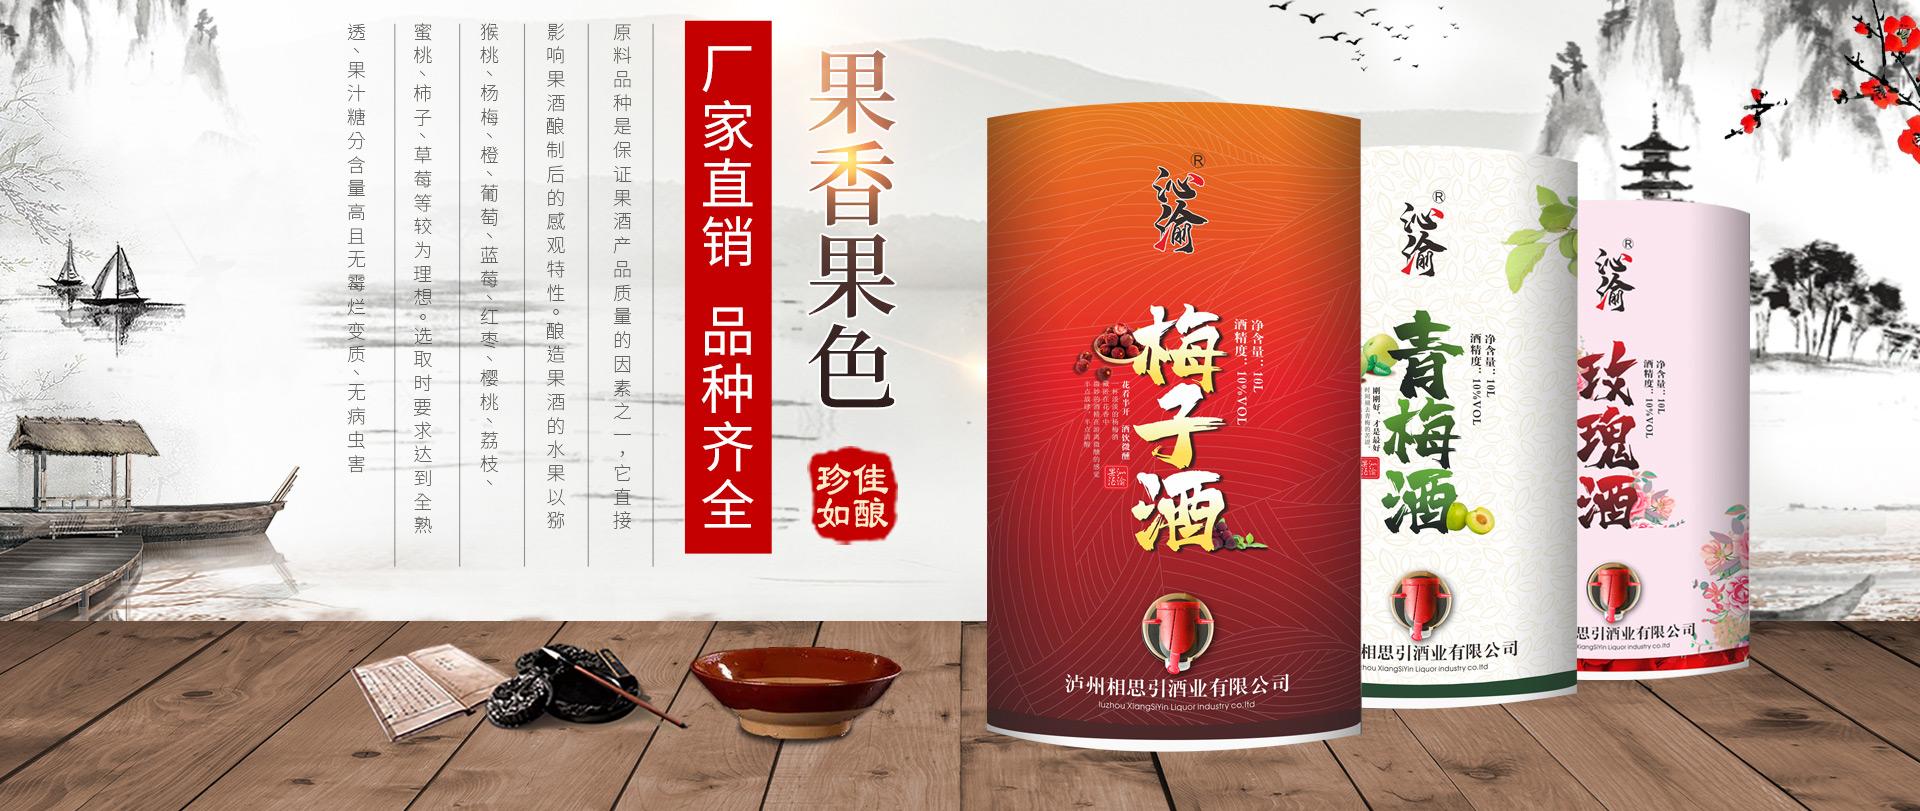 重庆散装桑葚酒